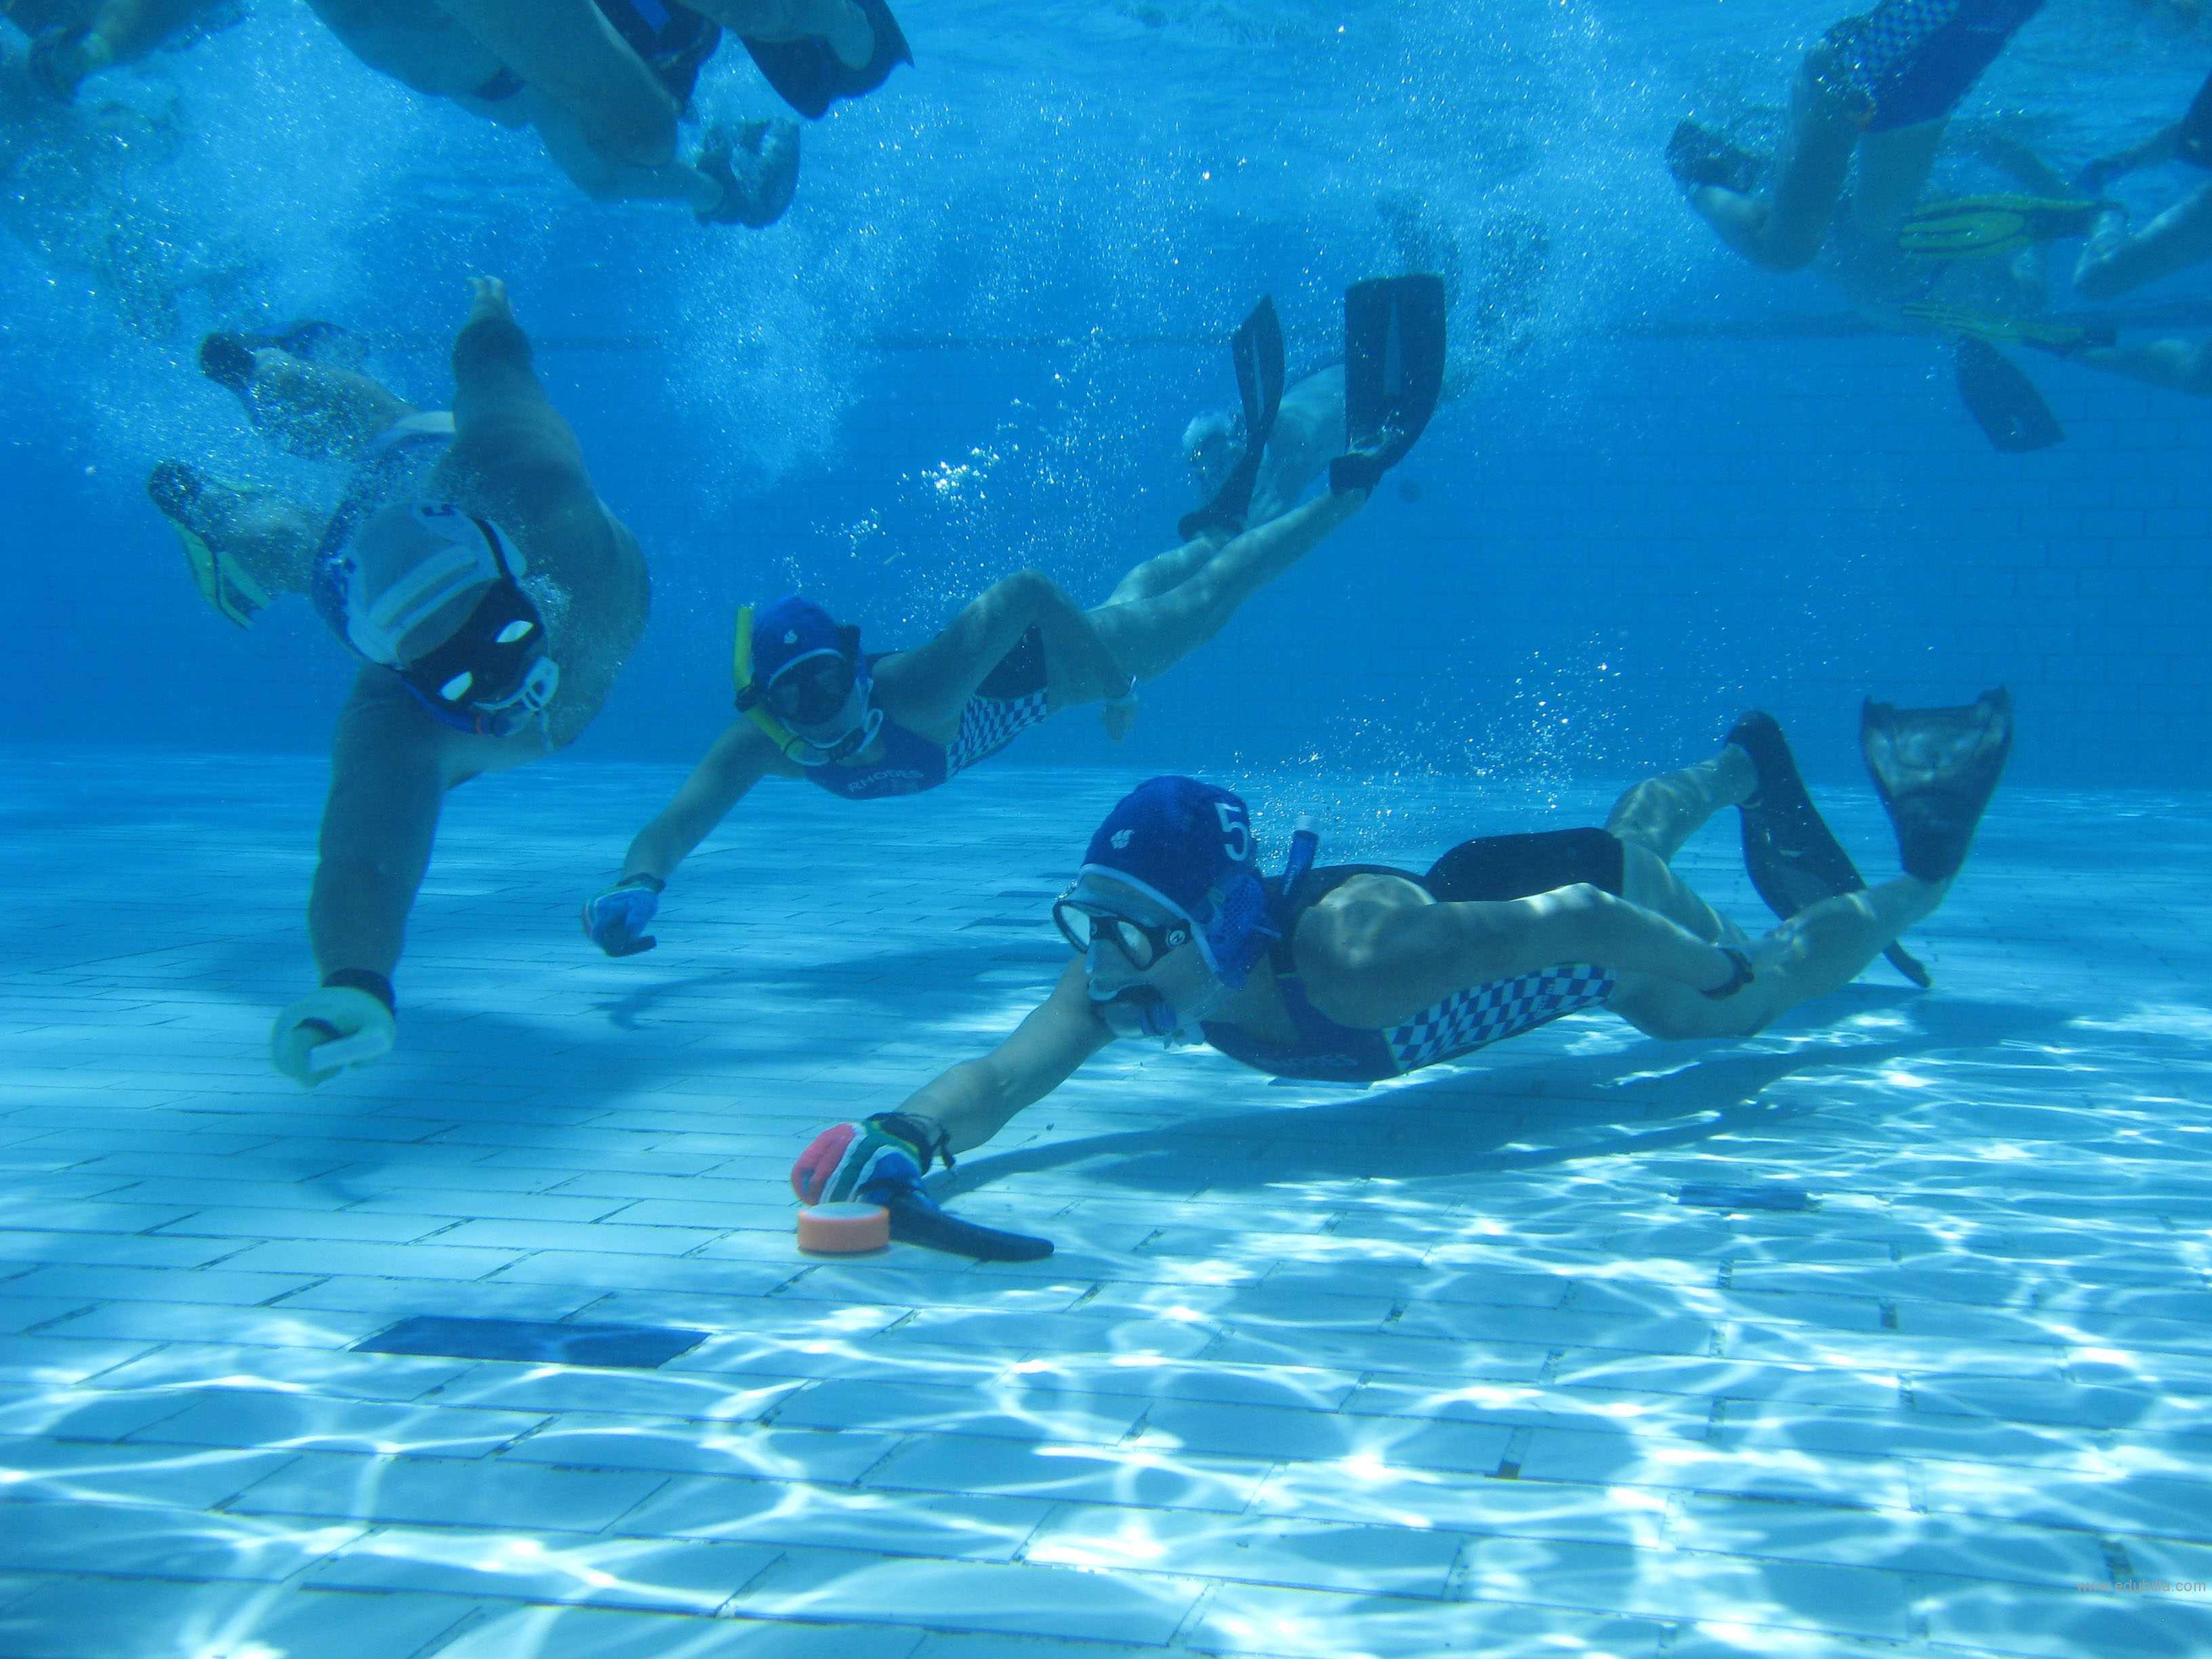 underwaterhockey20.jpg